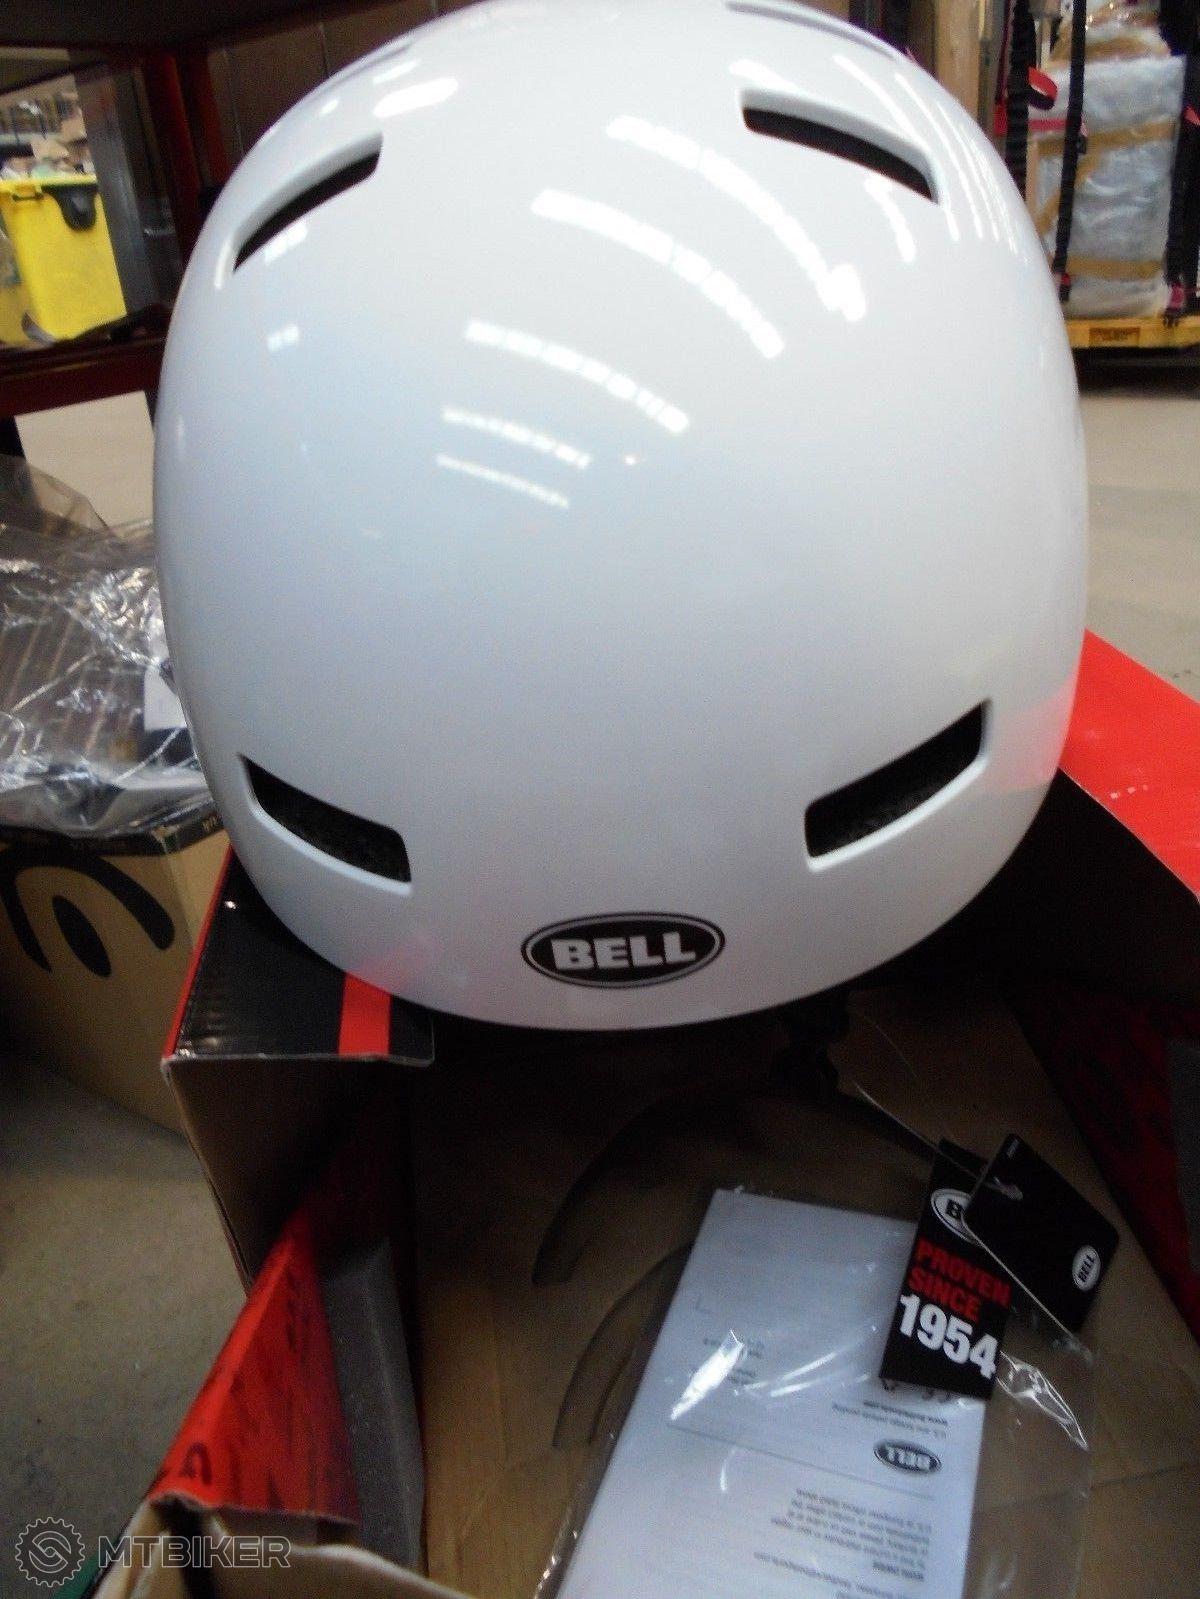 Prilba Bell Local - Príslušenstvo - Prilby - Bazár MTBIKER 09afc5fc9ae